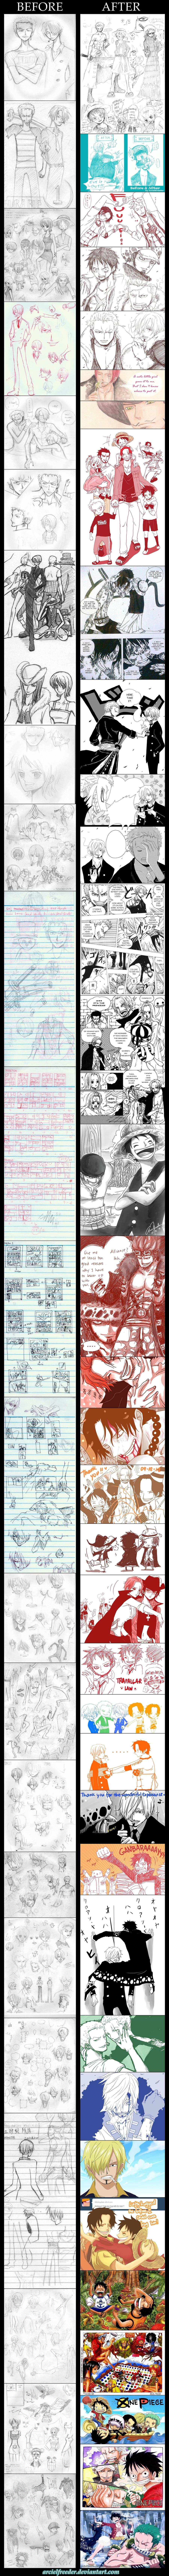 History of an OP Fan by ArcielFreeder